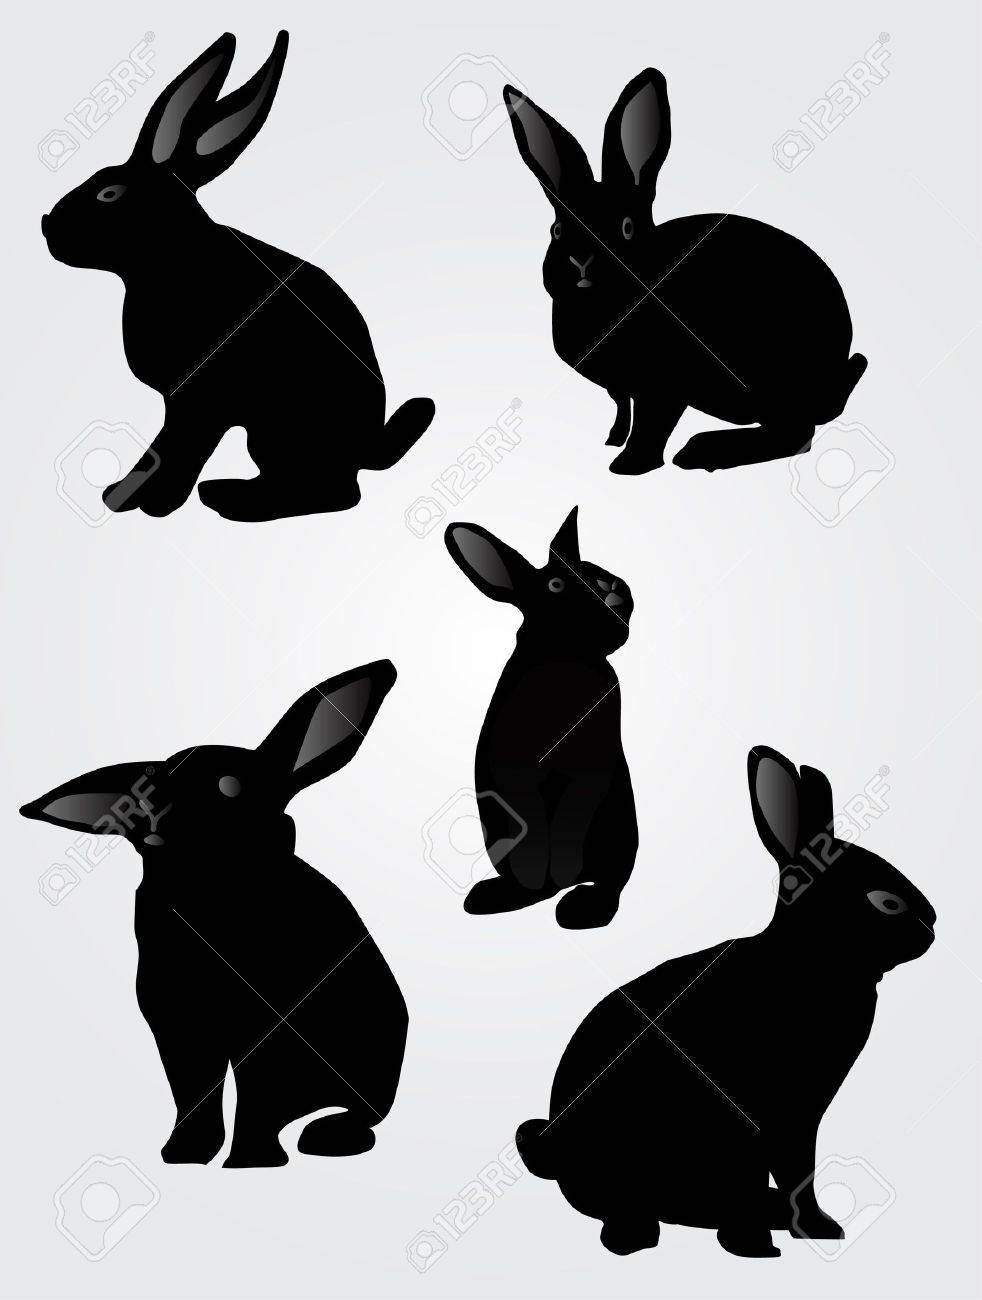 ウサギのシルエット、ベクトル イラスト ロイヤリティフリークリップ